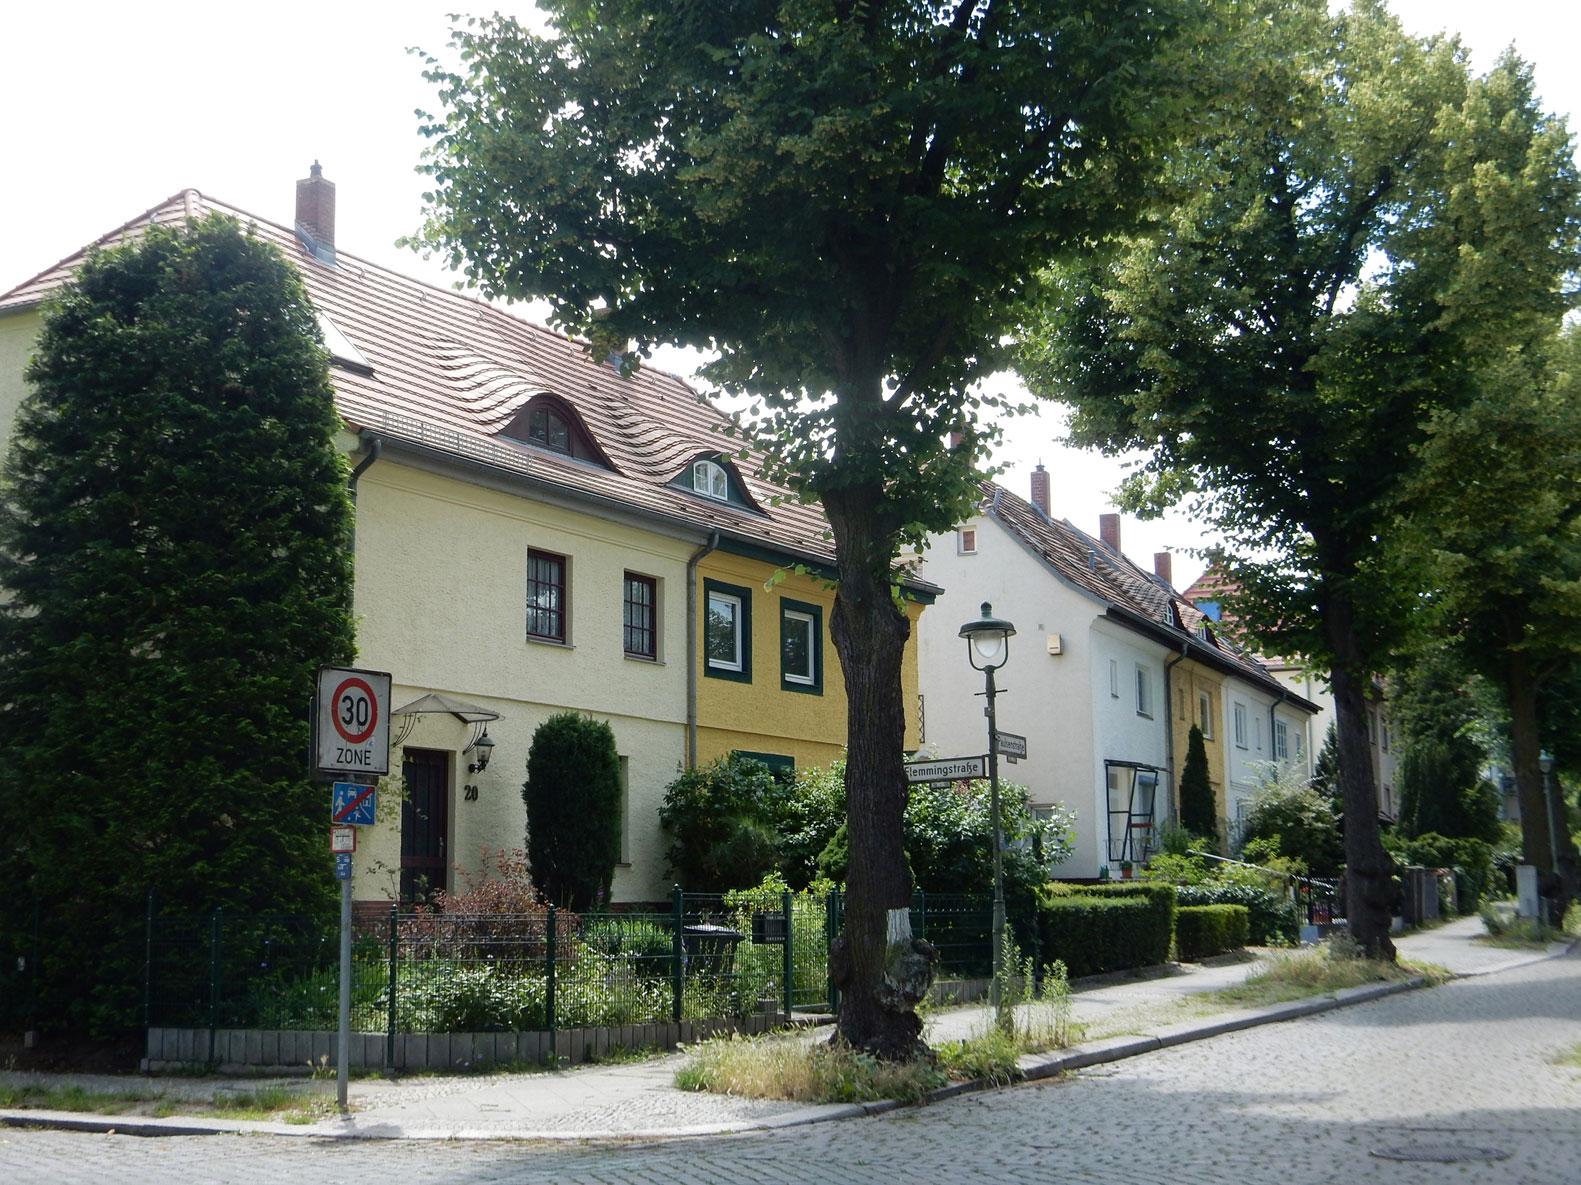 Radtour Berlin Steglitz